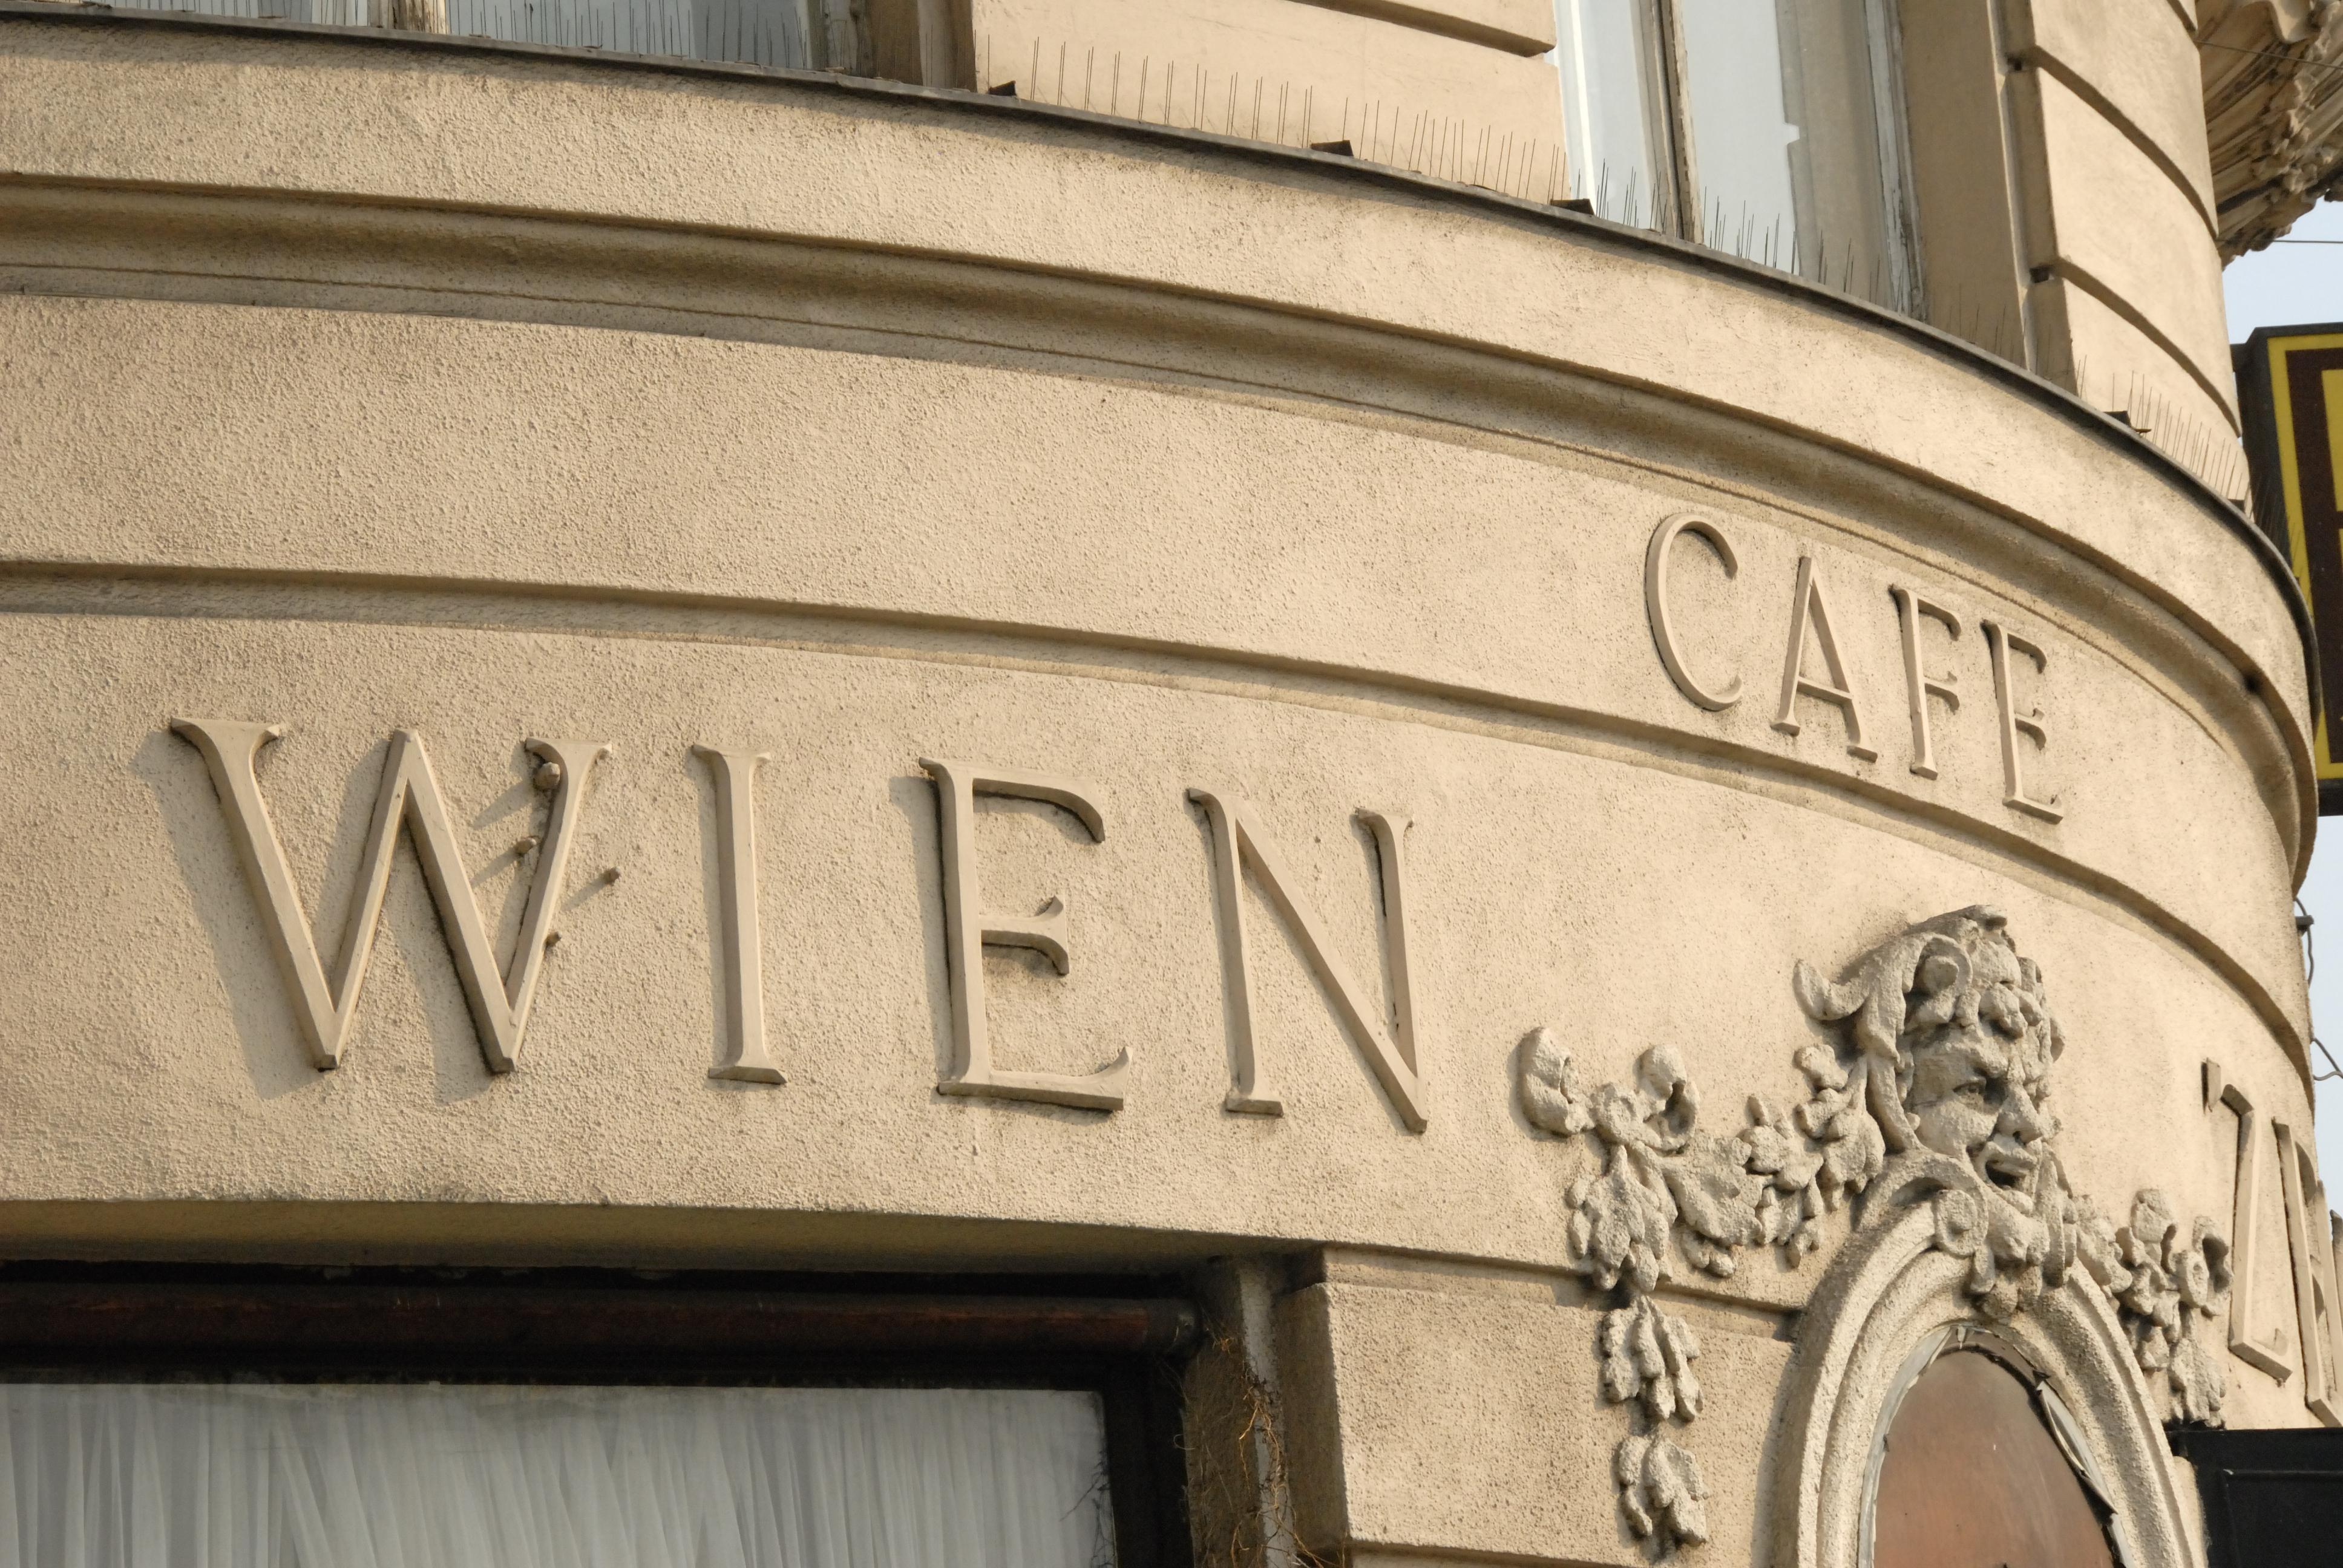 Un paseo por las pastelerías y cafés de Viena - Austria Circuito Austria Bella y Budapest